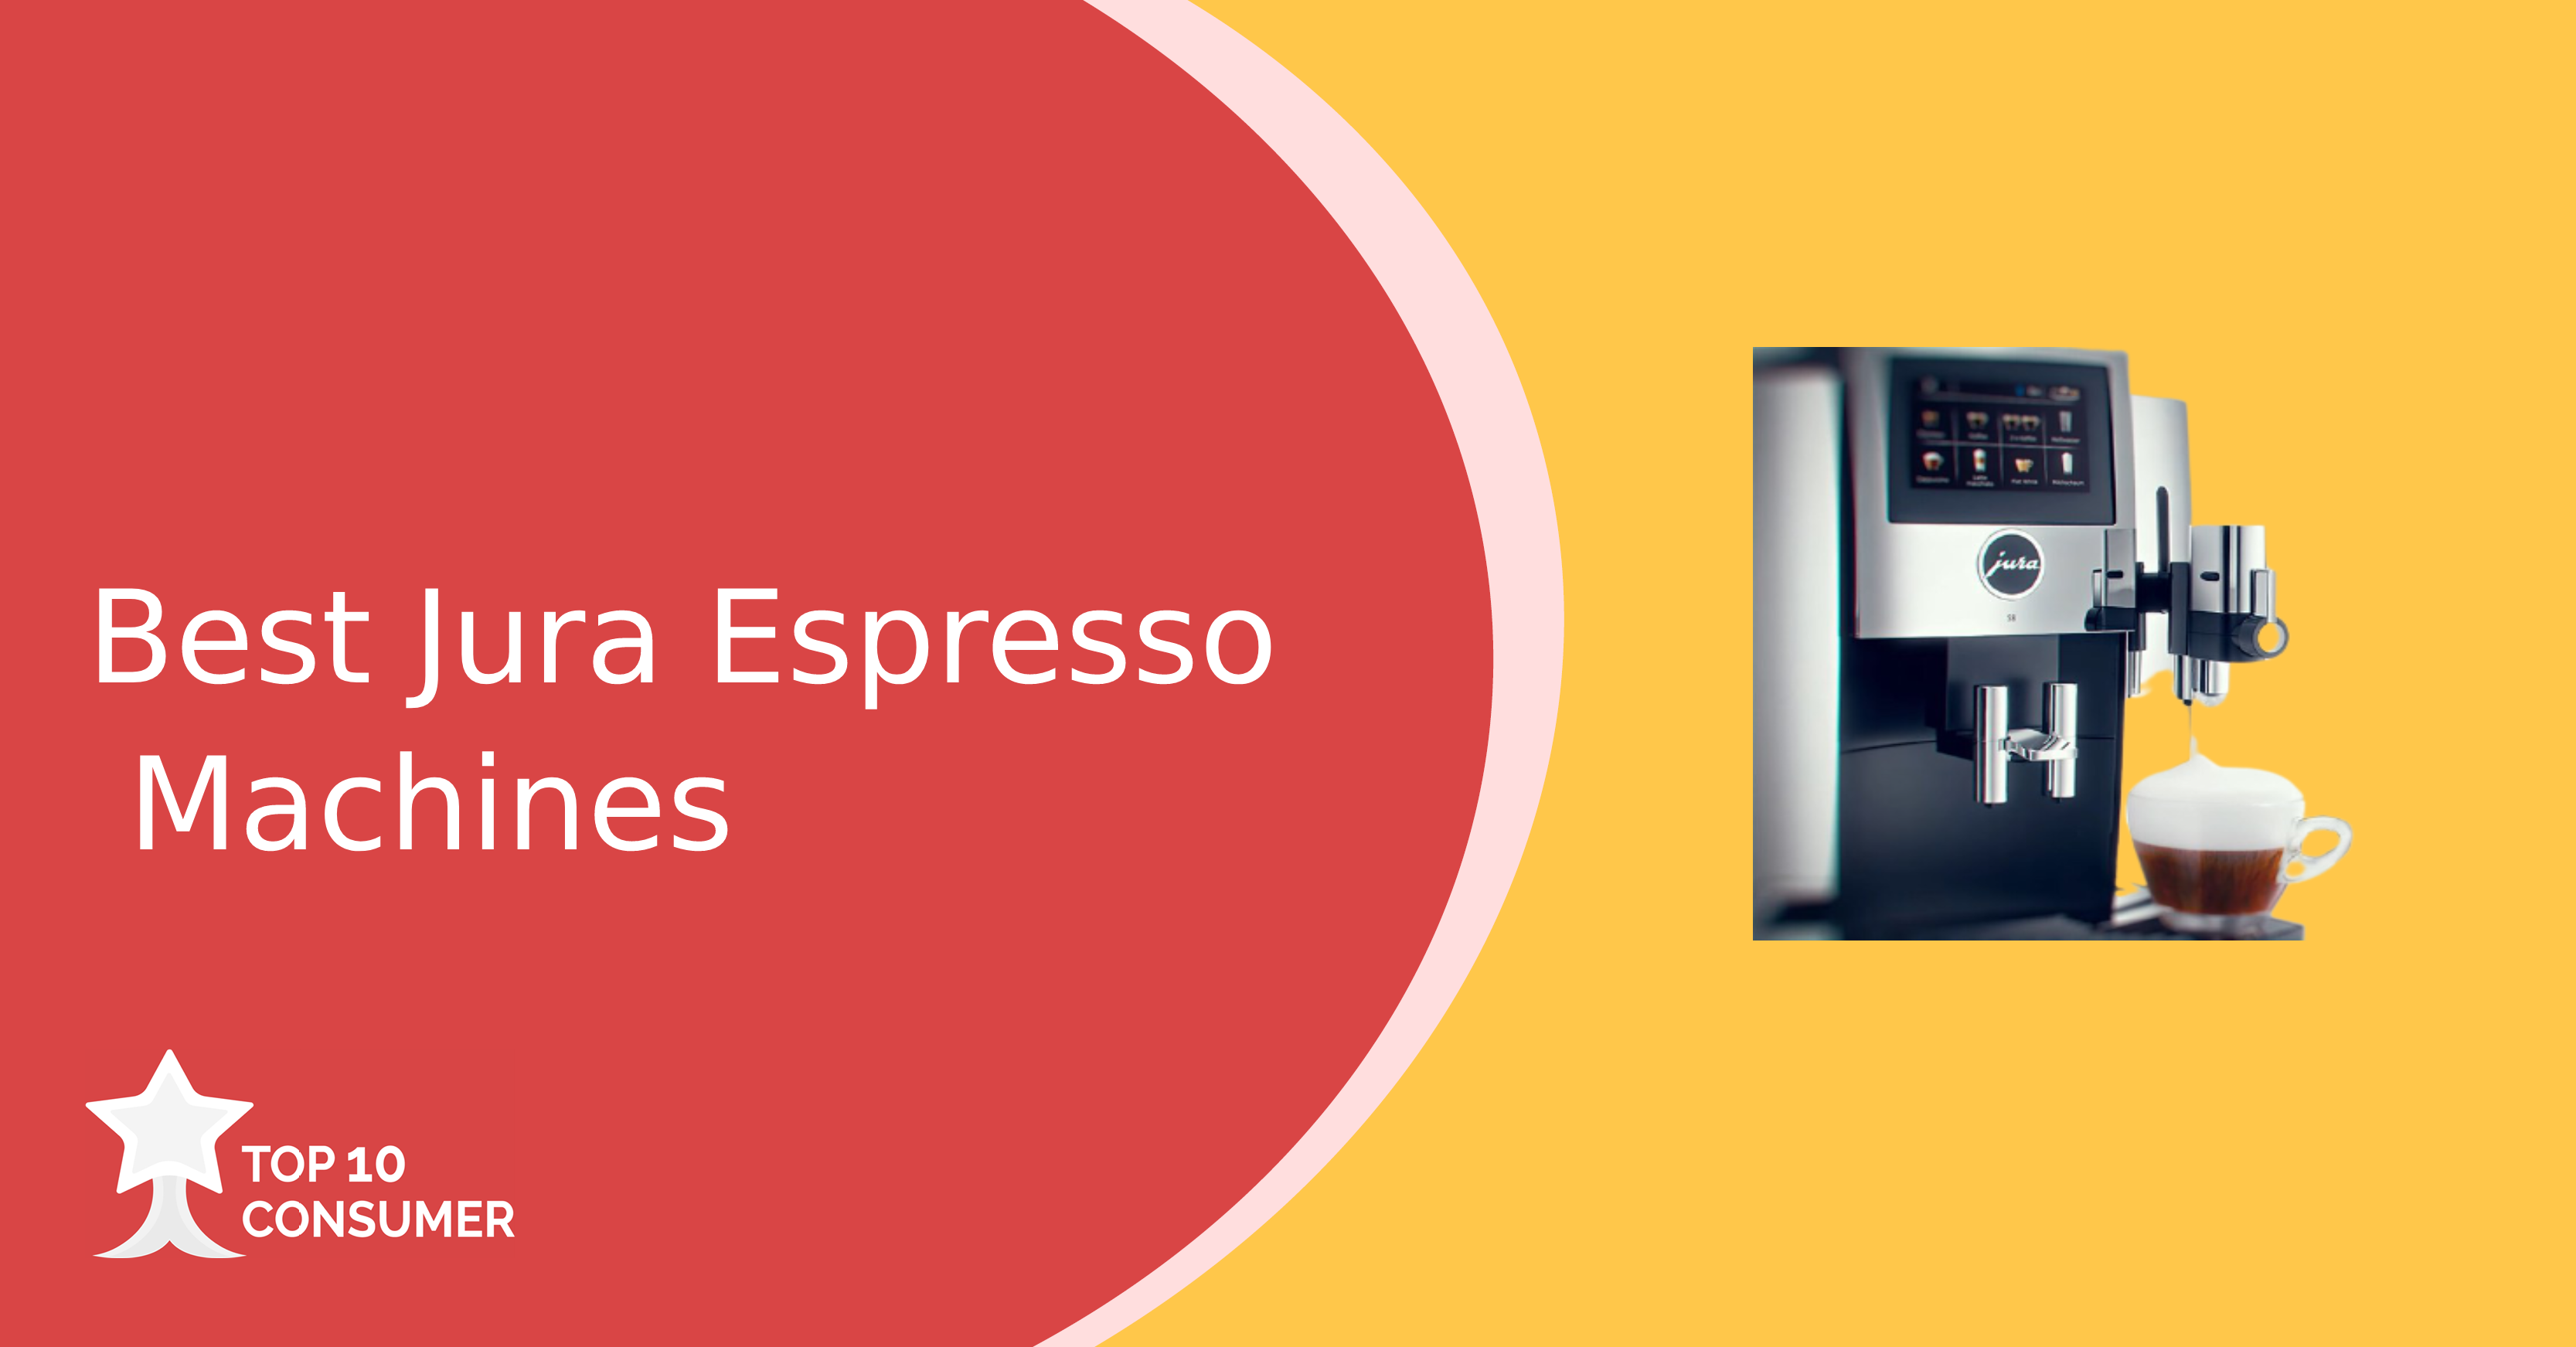 Best Jura Espresso Machine